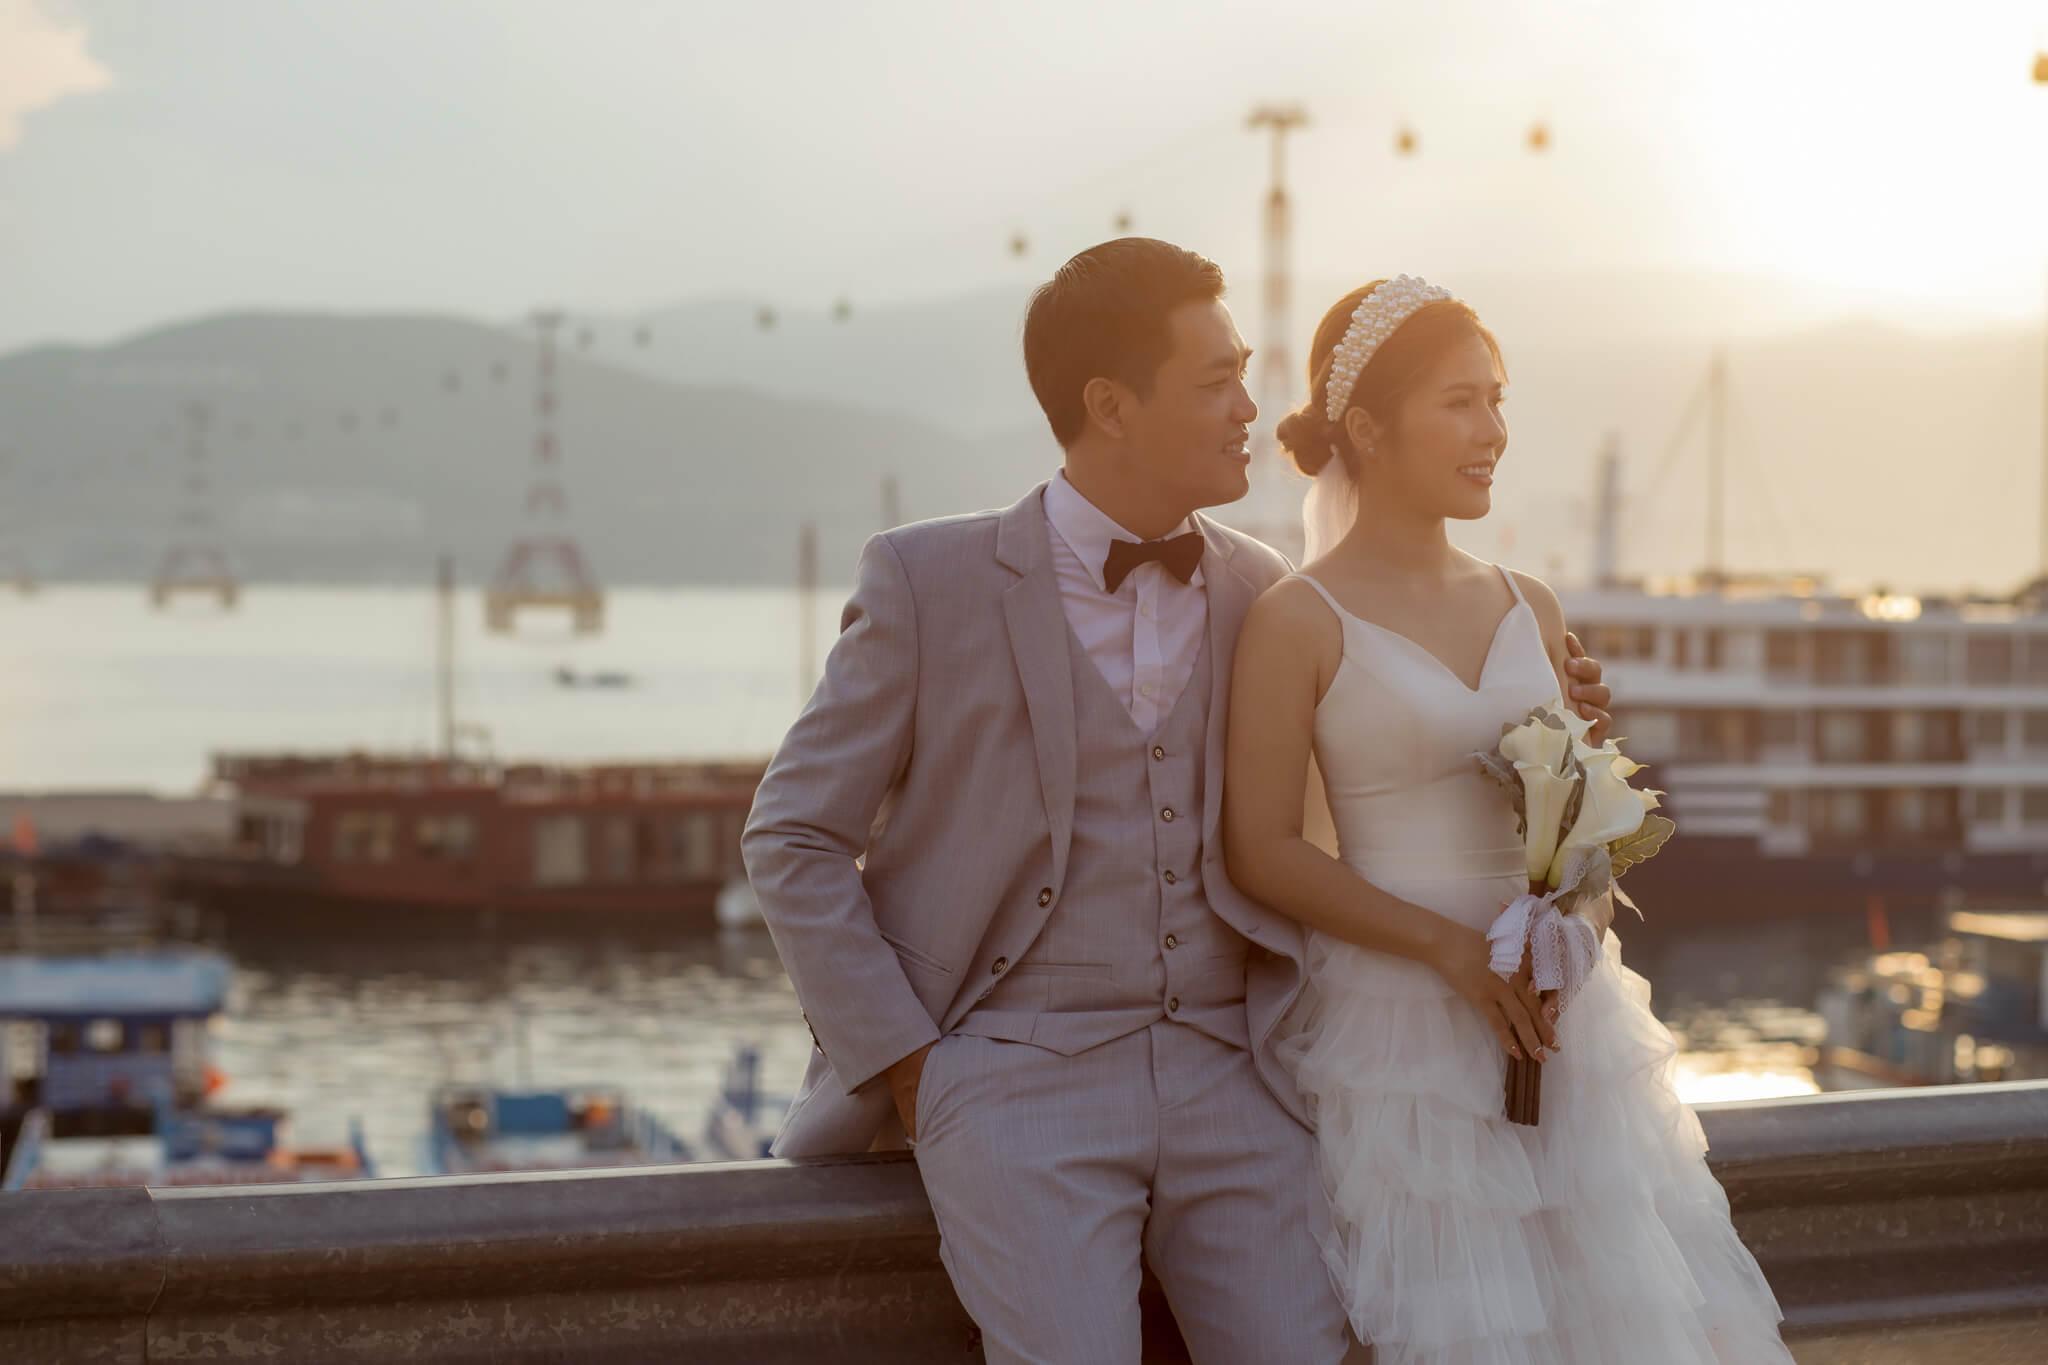 Tips chụp ảnh cưới ngoại cảnh đẹp ở Nha Trang, Cách tạo làm nên những bộ ảnh cưới nghệ thuật tại Nha Trang